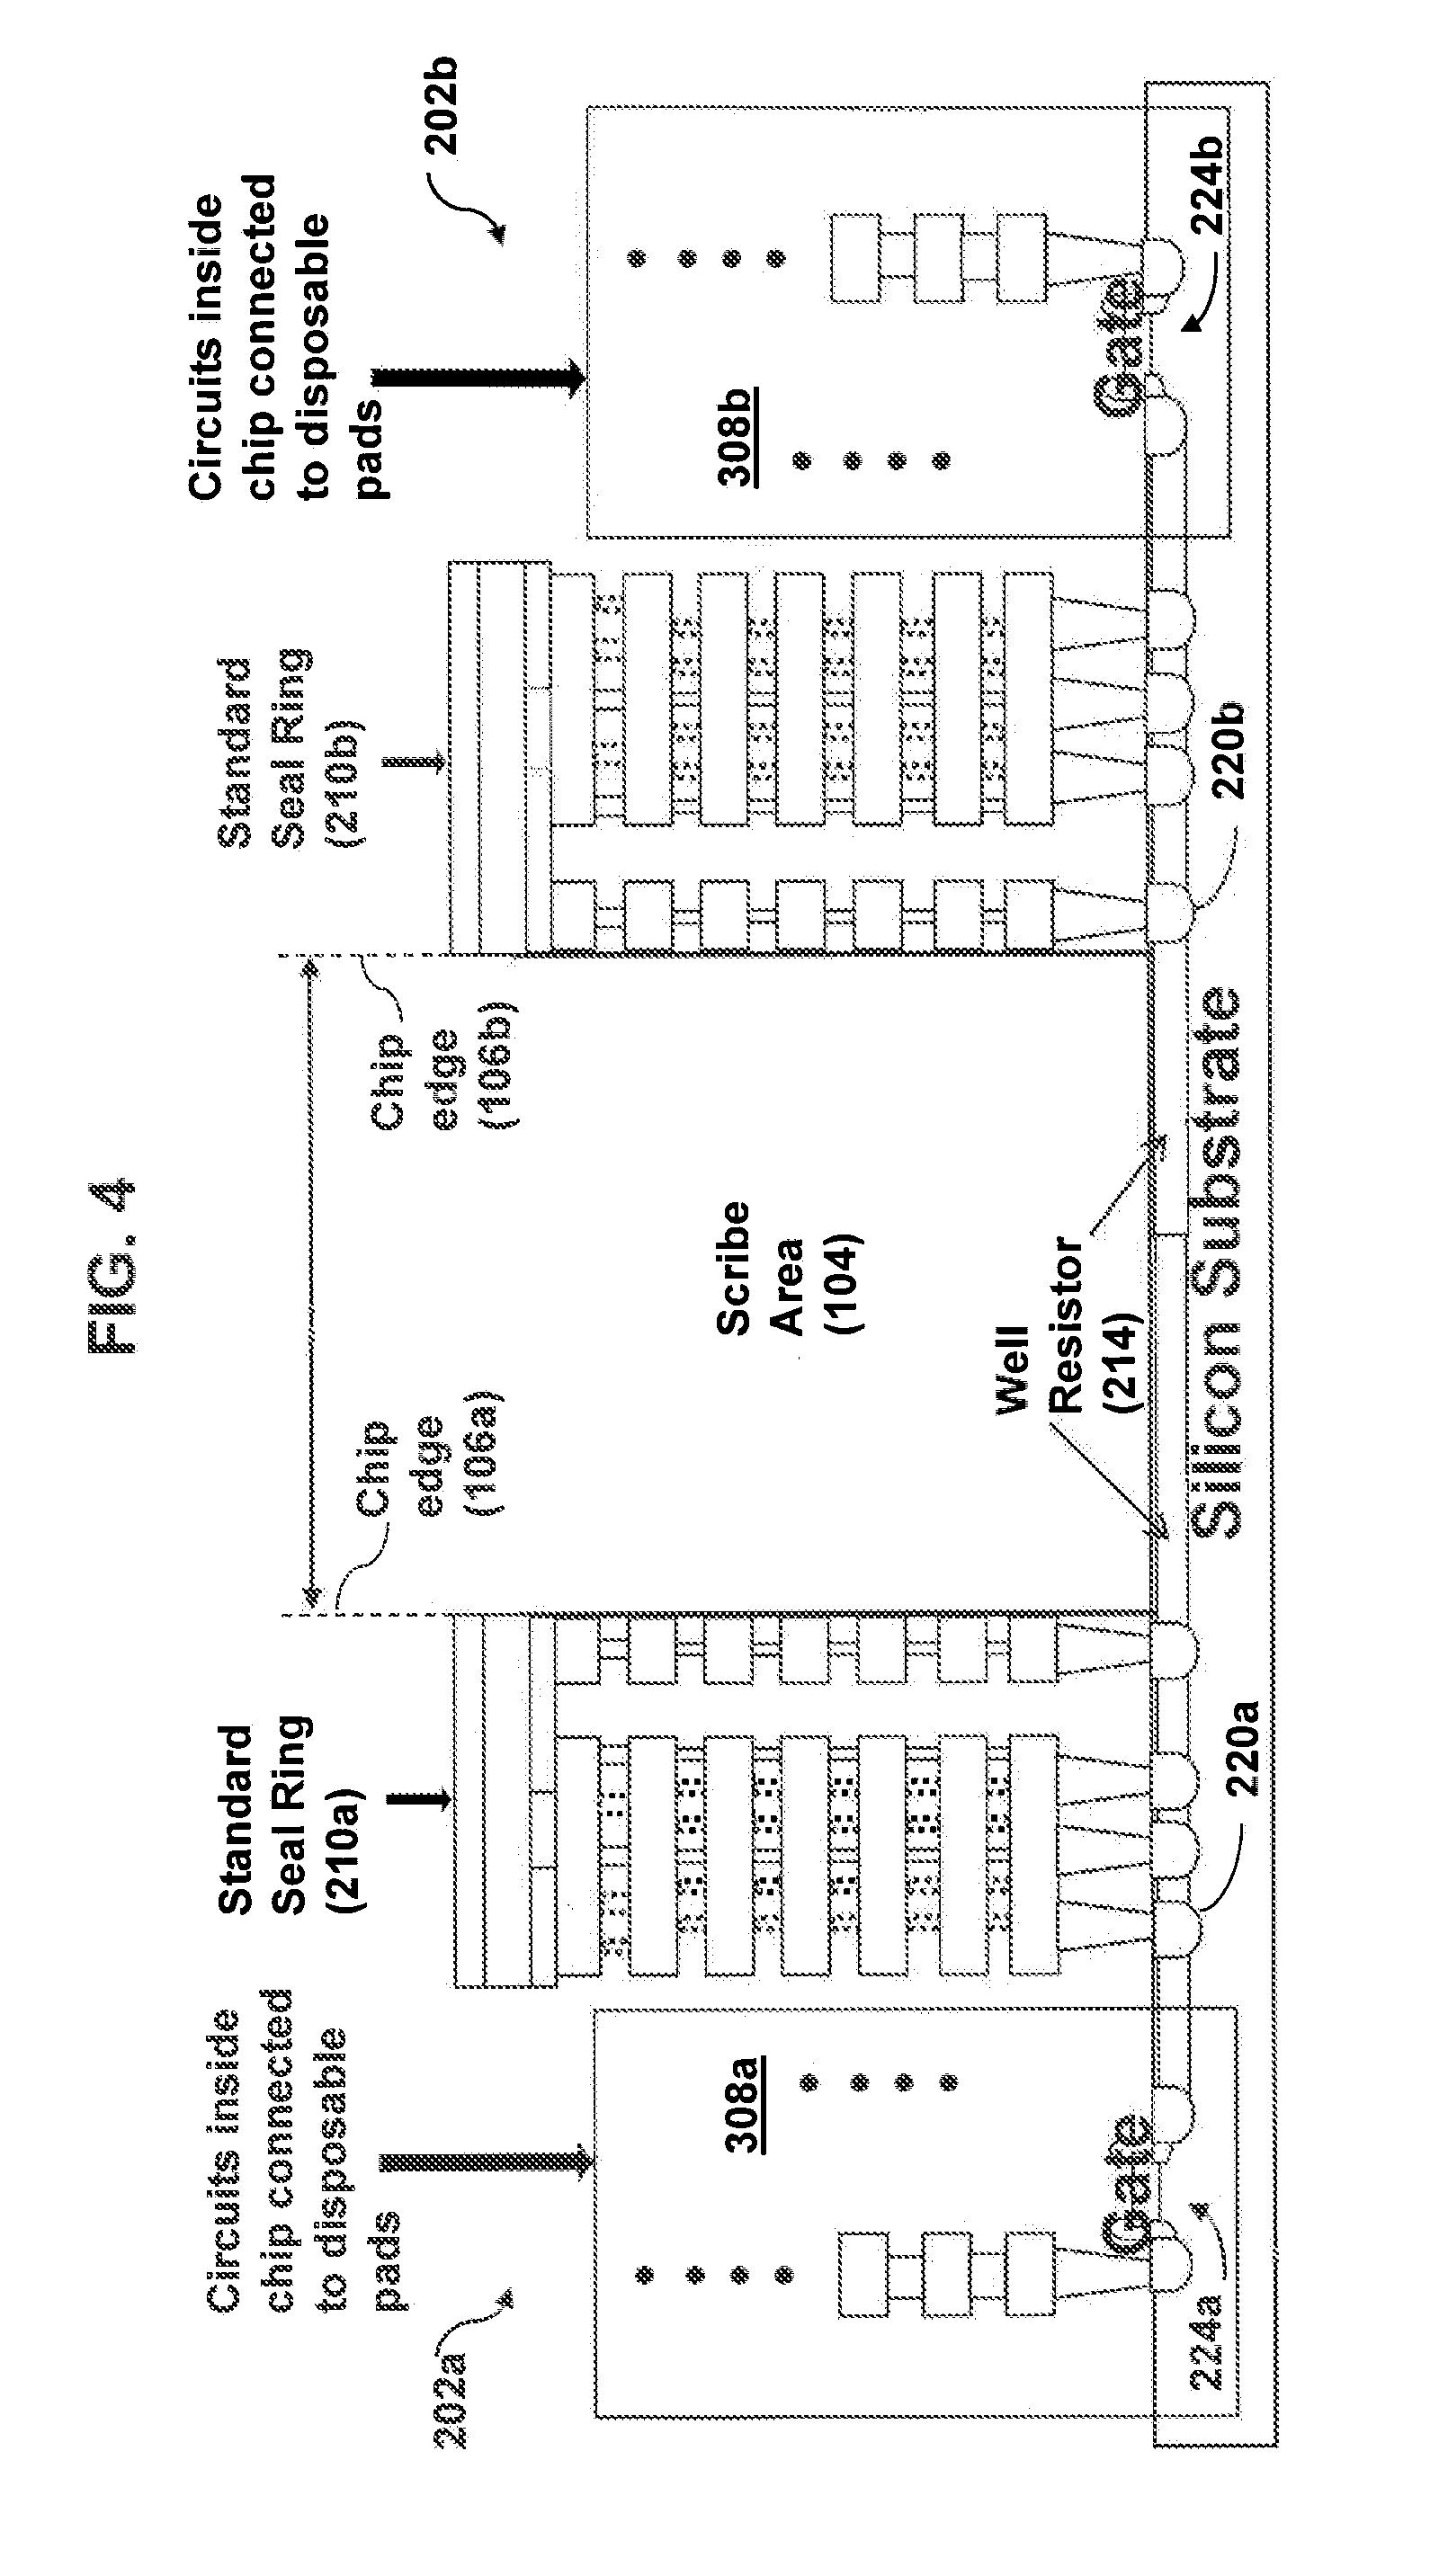 patent us20120326146